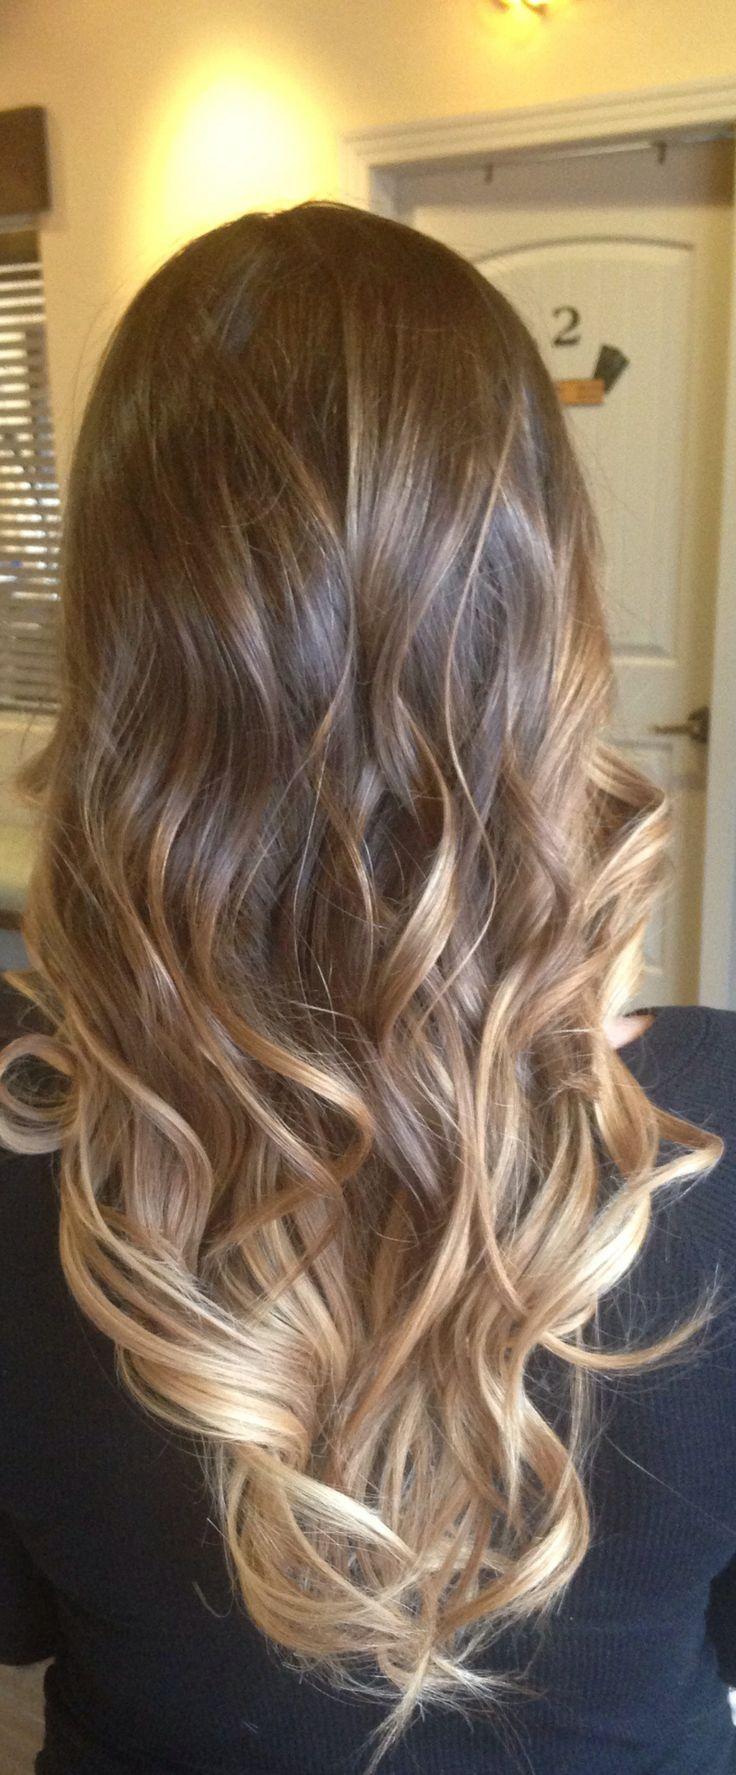 Окрашивание волос балаяж фото на длинные